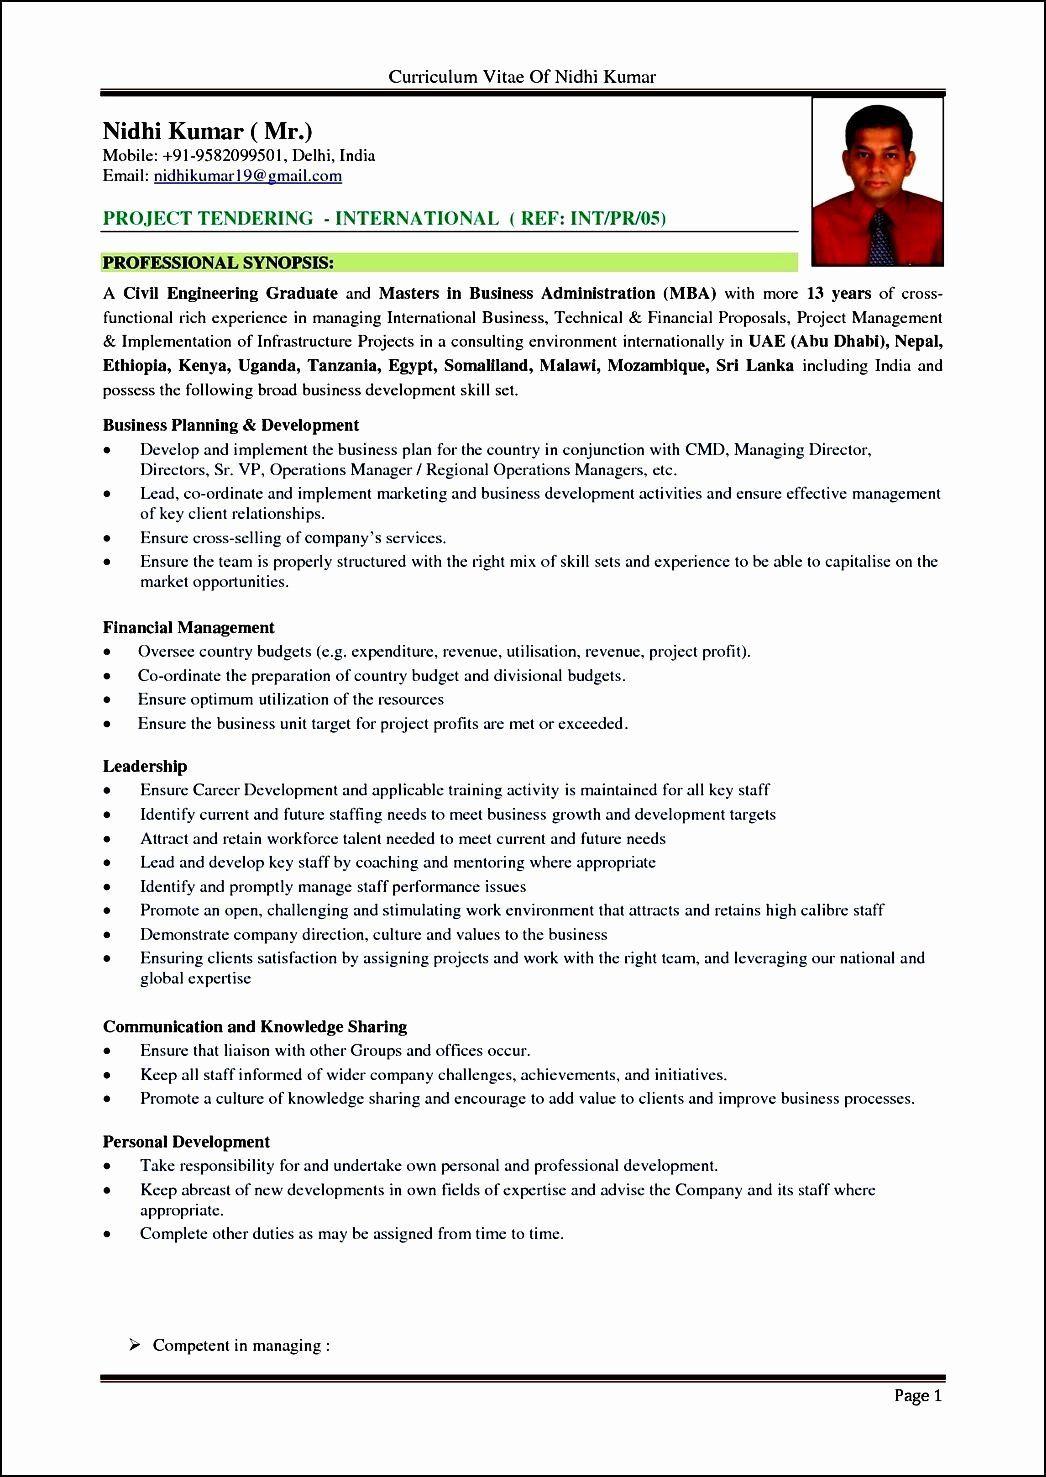 Format for Curriculum Vitae Inspirational Curriculum Vitae